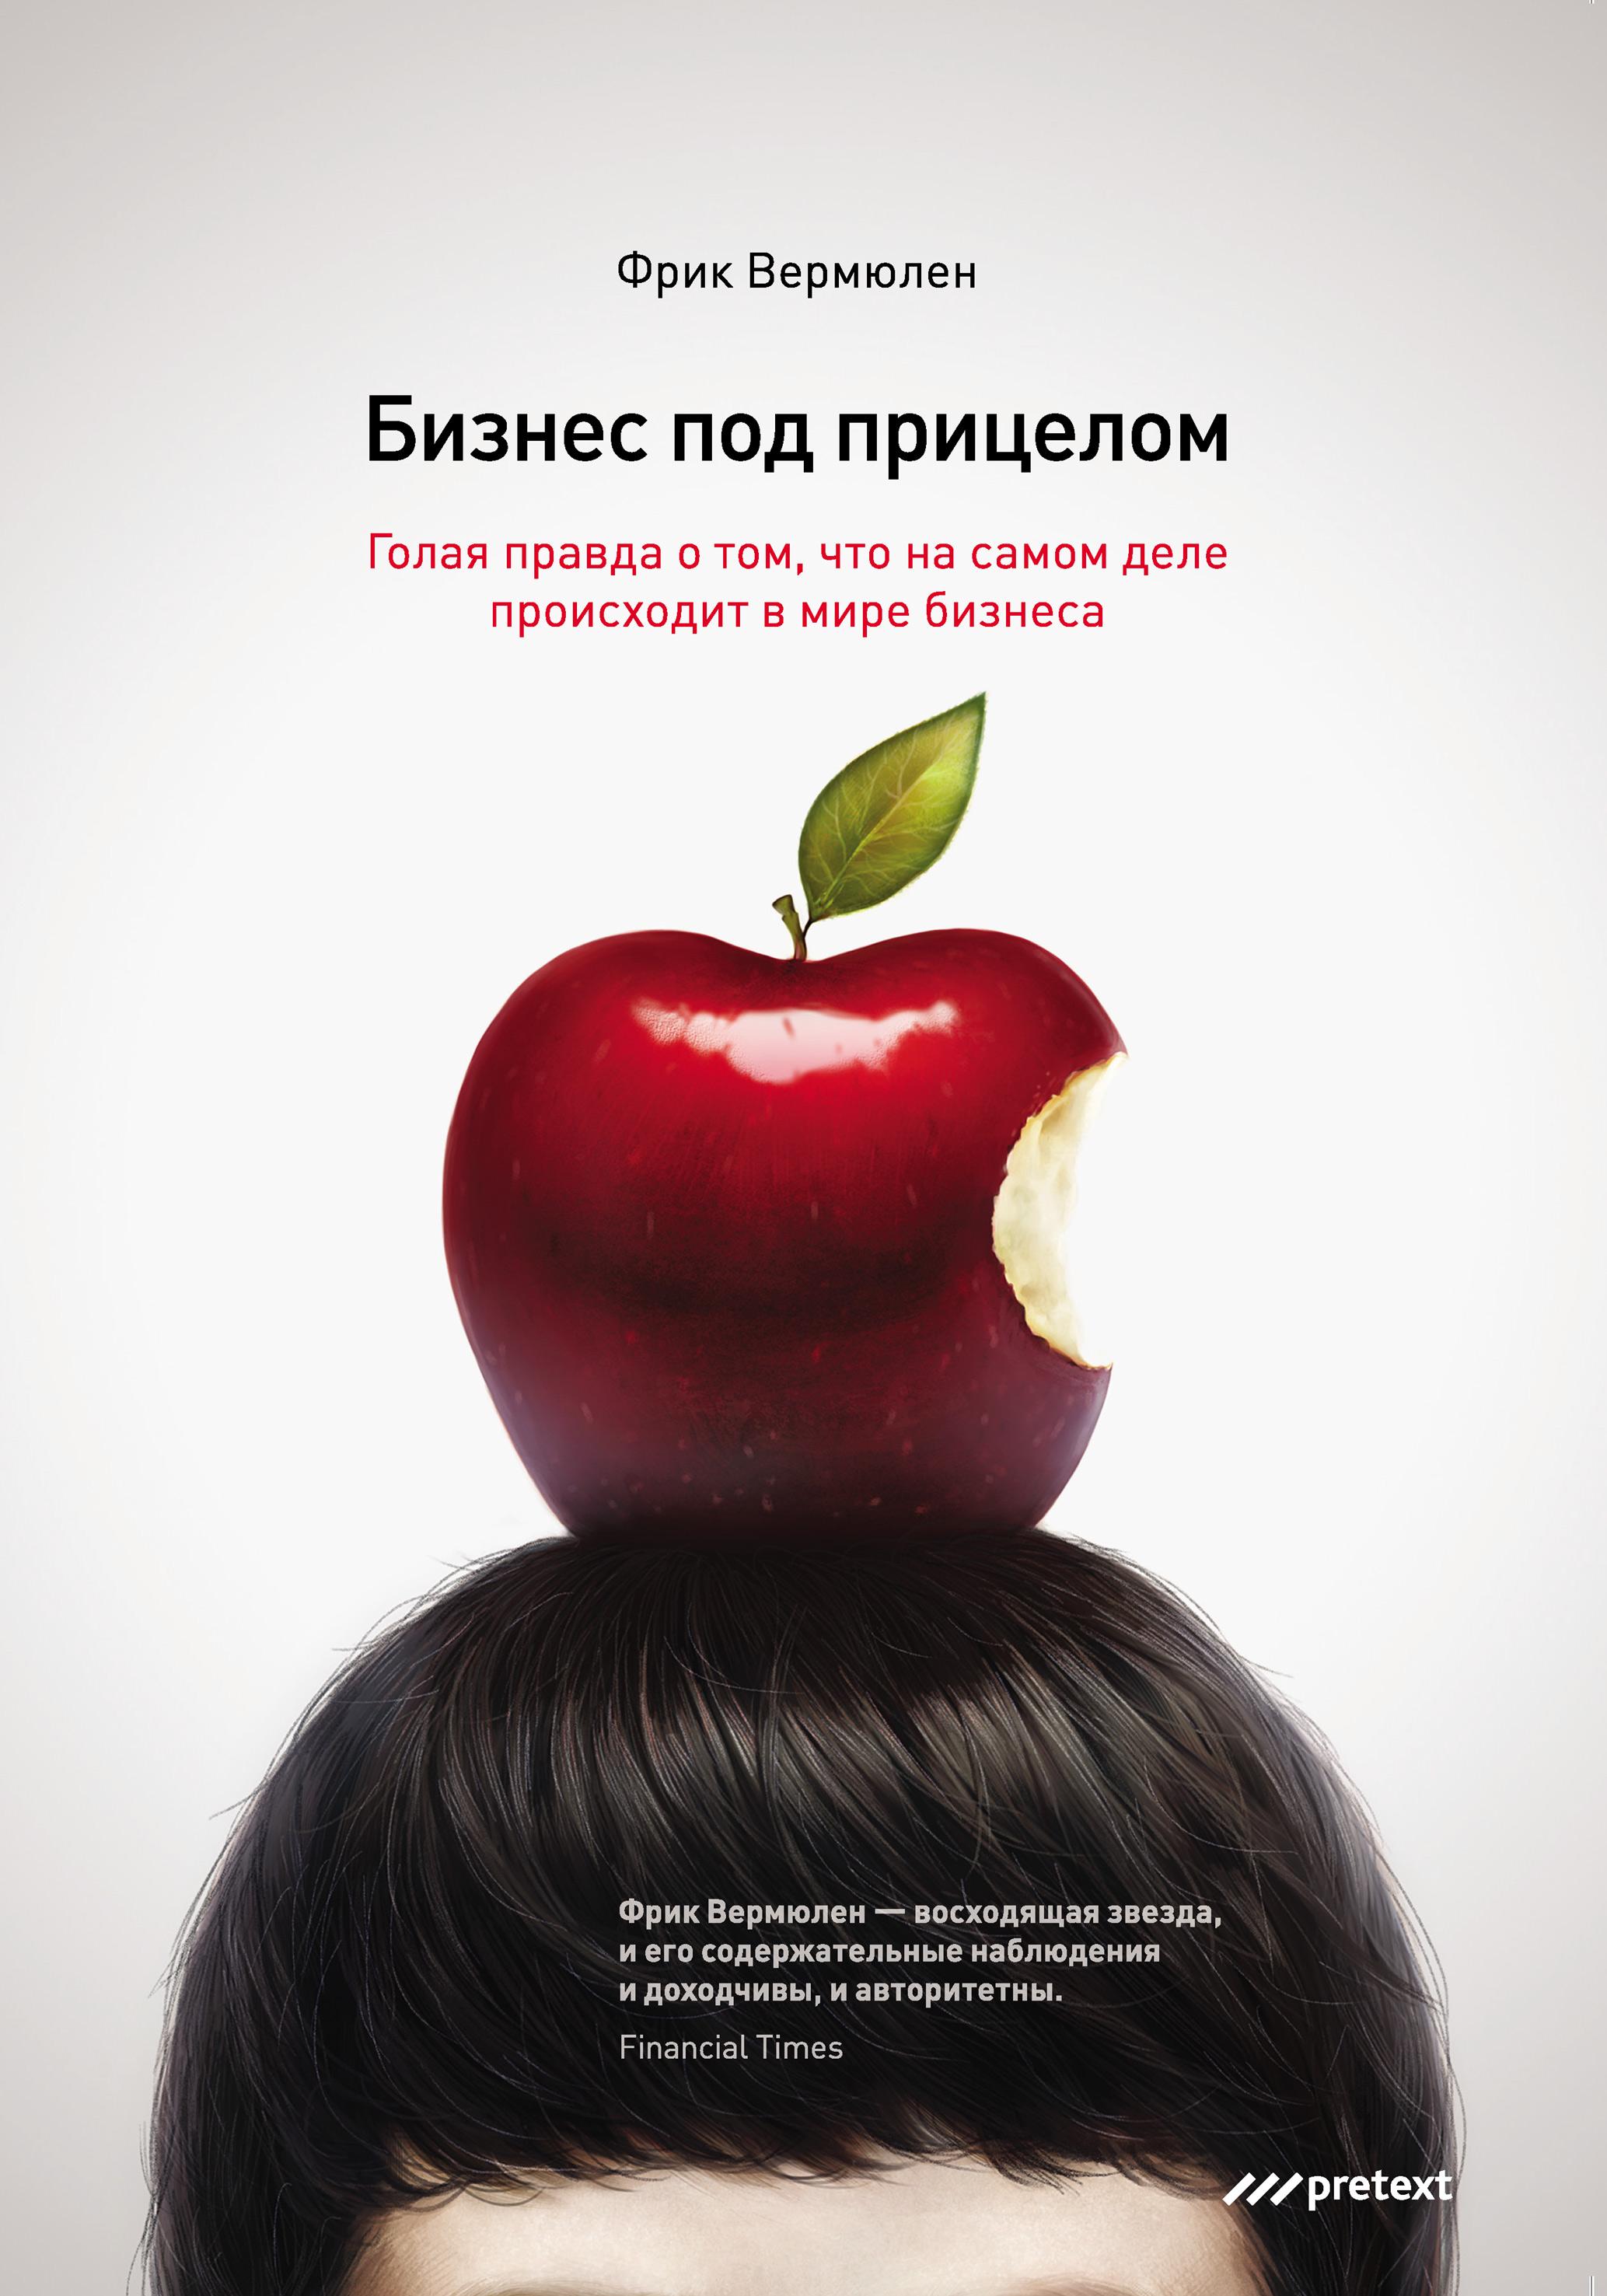 Обложка книги Бизнес под прицелом. Голая правда о том, что на самом деле происходит в мире бизнеса